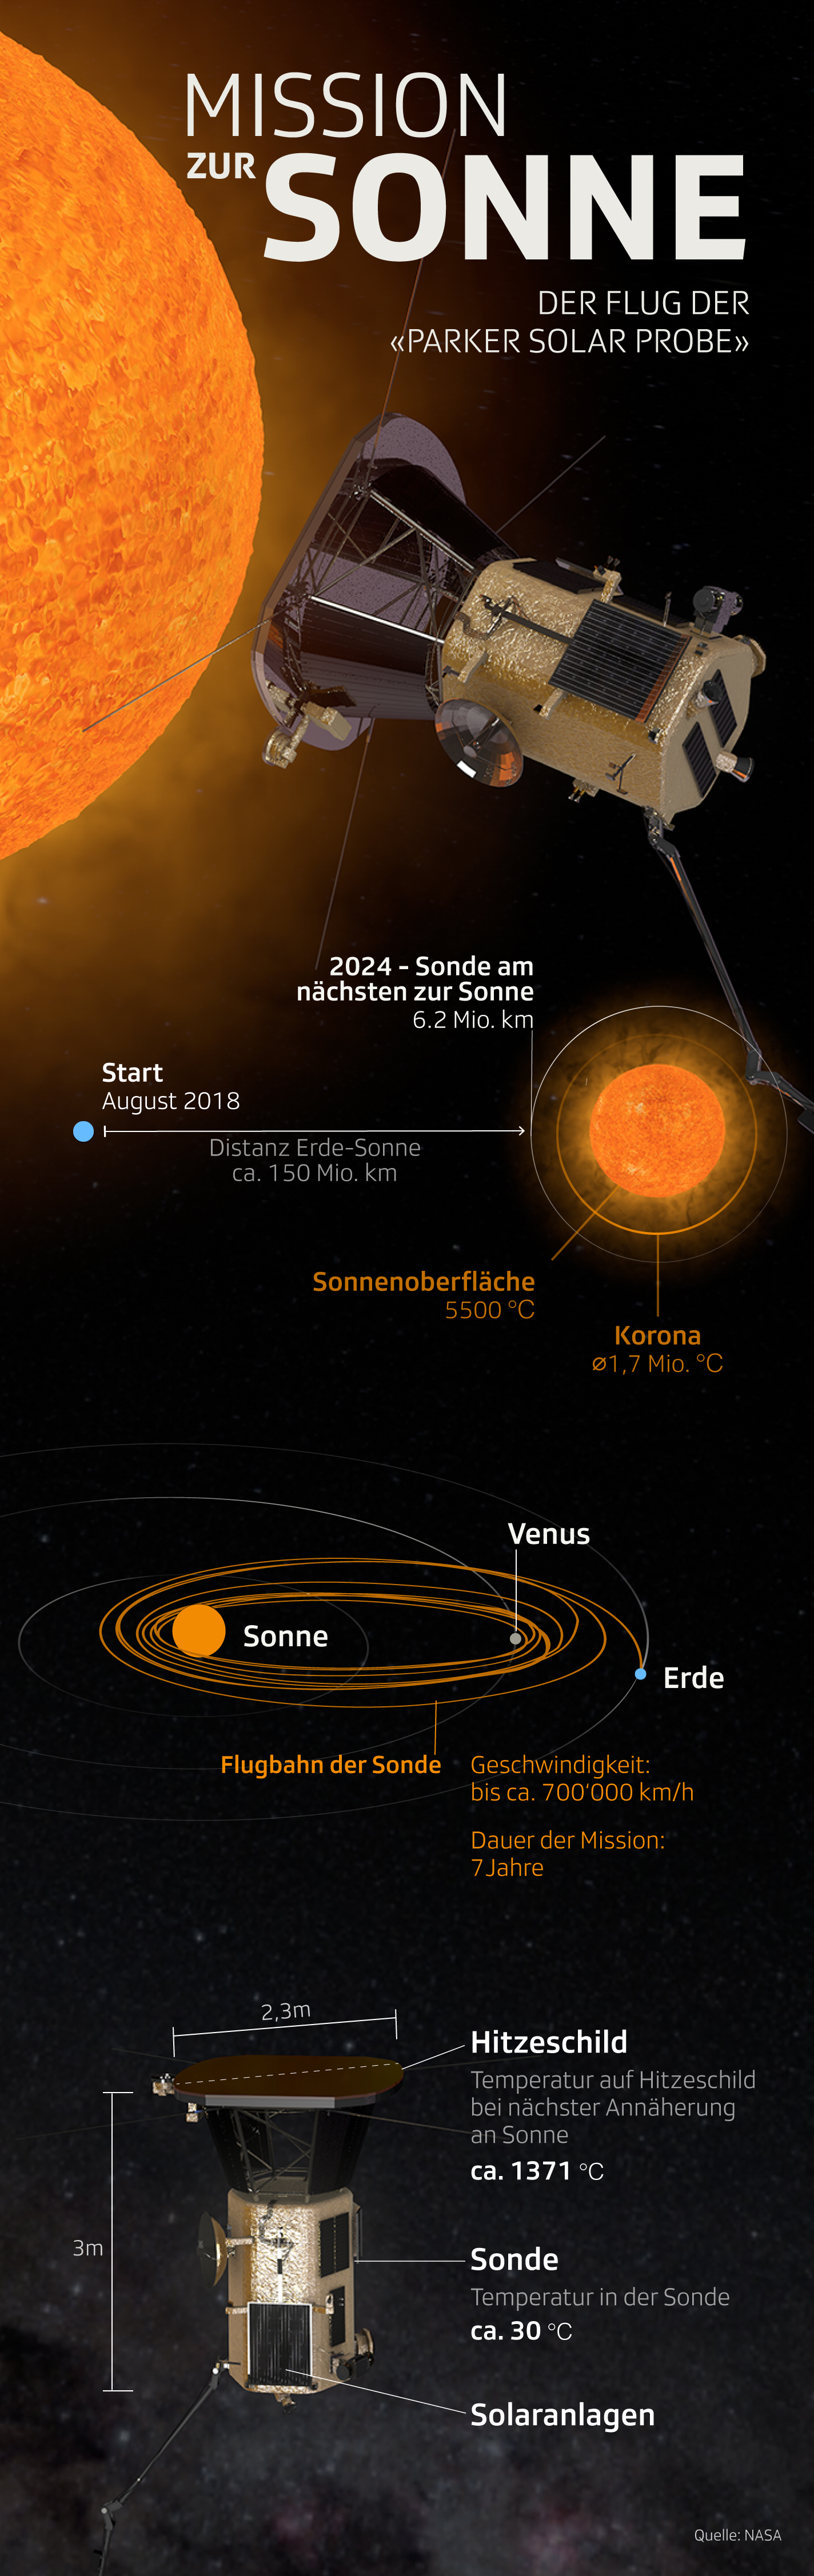 Grafik zeigt die Mission der Sonde Parker Solar Probe zur Sonne